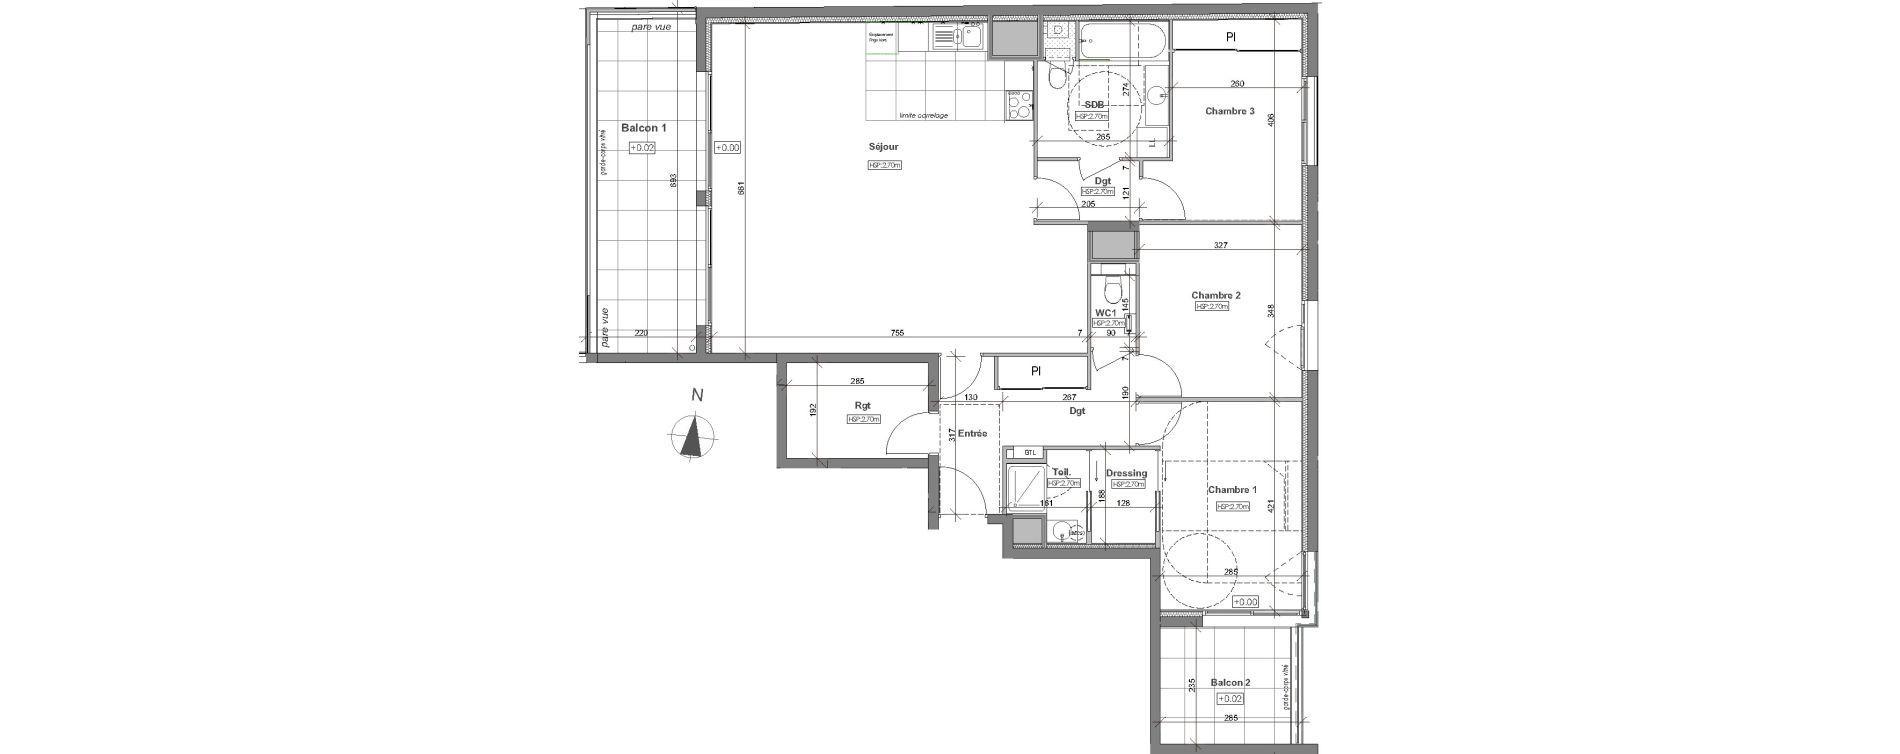 Appartement T4 de 109,52 m2 à Rennes Arsenal - redon